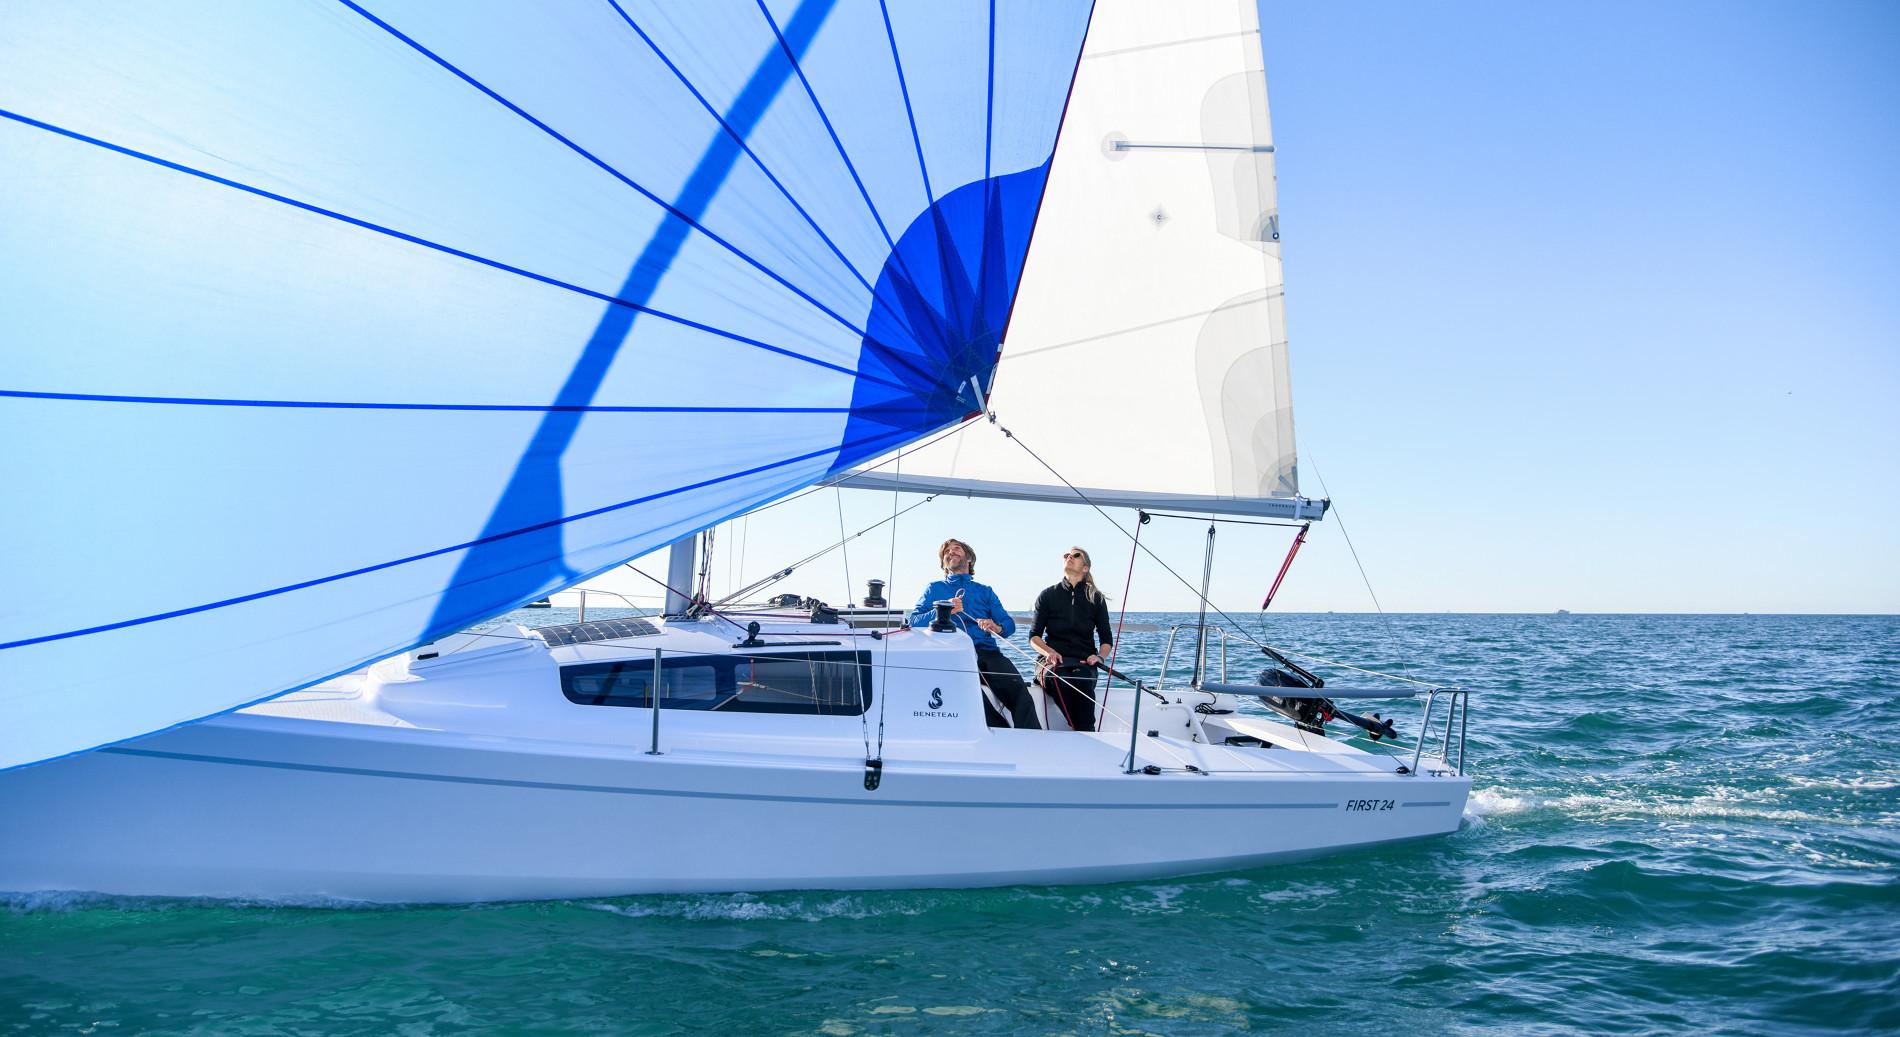 Oceanis 30.1 ja Suomen ensiesittelyyn tuleva First 24 mukana veneiden koeajotapahtumassa!